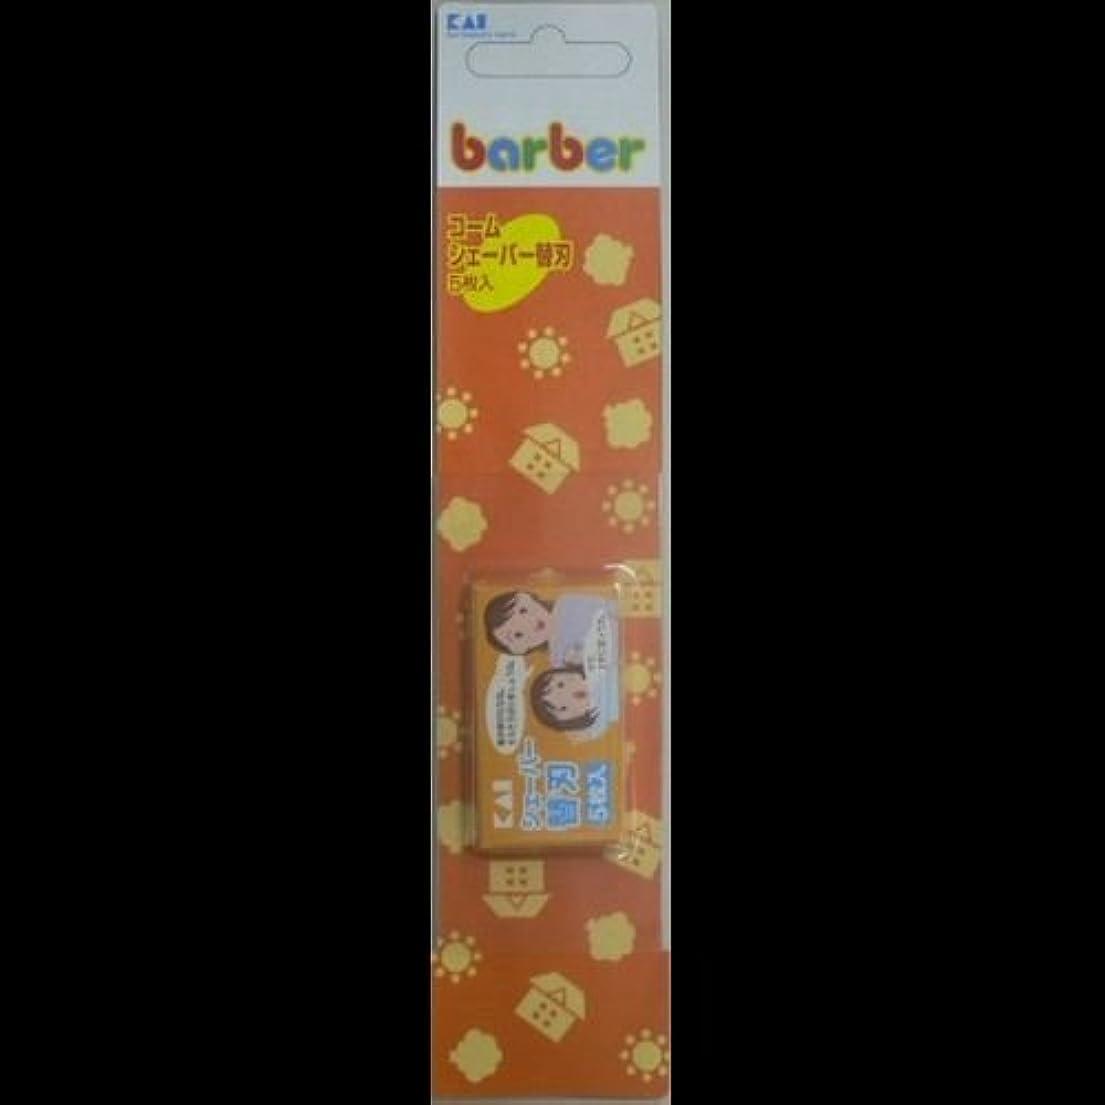 送った立方体恩恵【まとめ買い】貝印 バーバー シェーバー替刃 5枚入 ×2セット